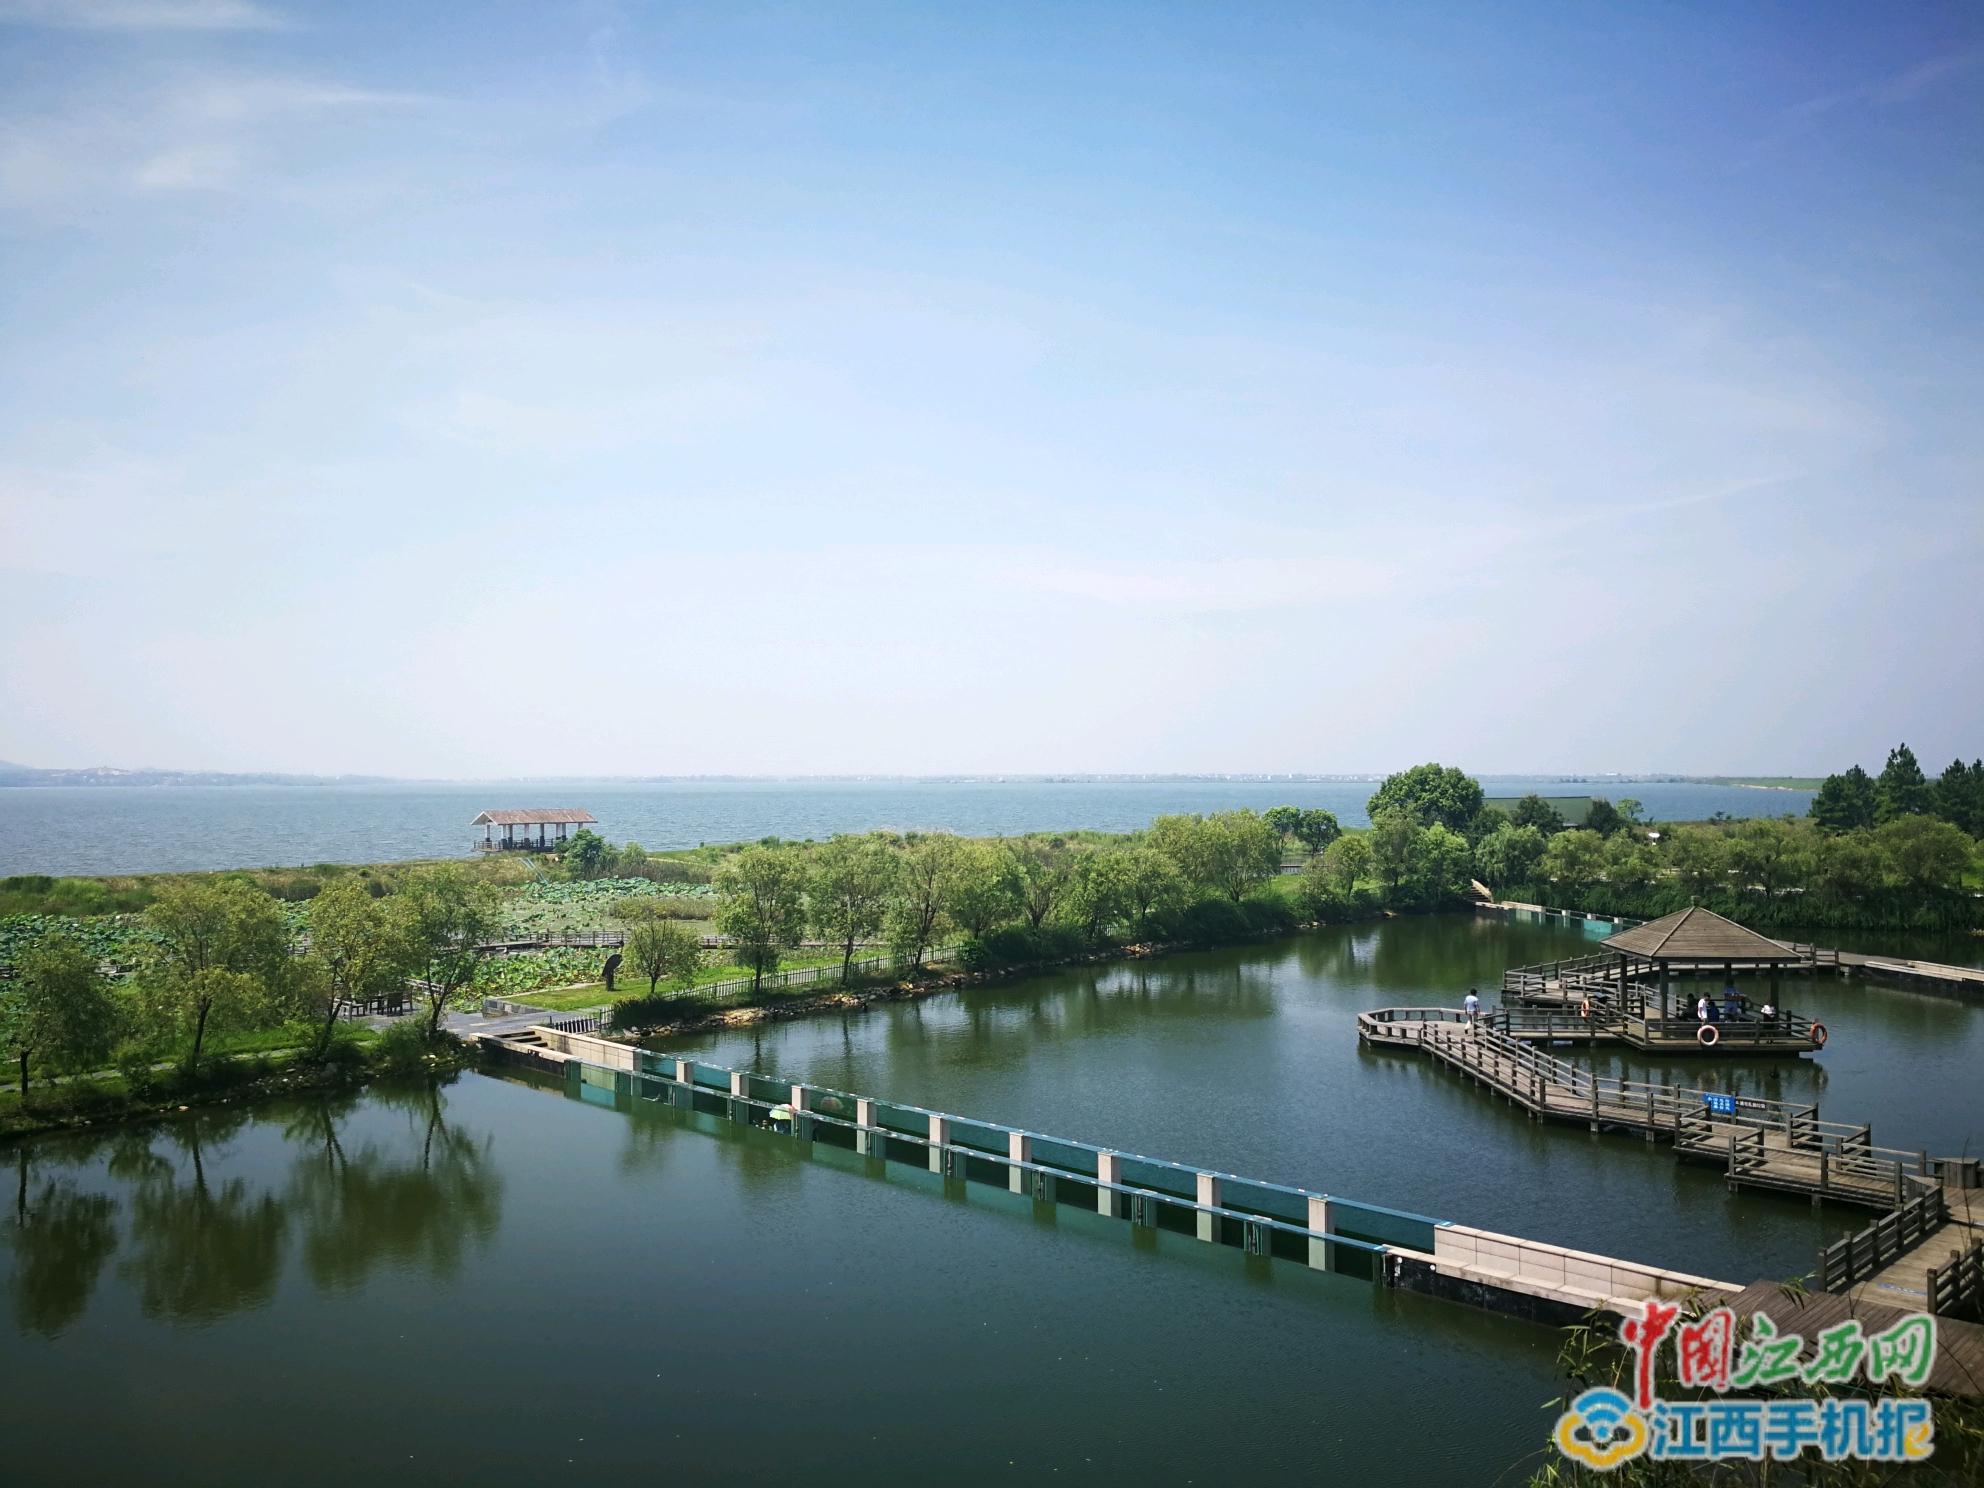 江西湿地公园_醉心如画美景 网媒记者探秘鄱阳湖国家湿地公园